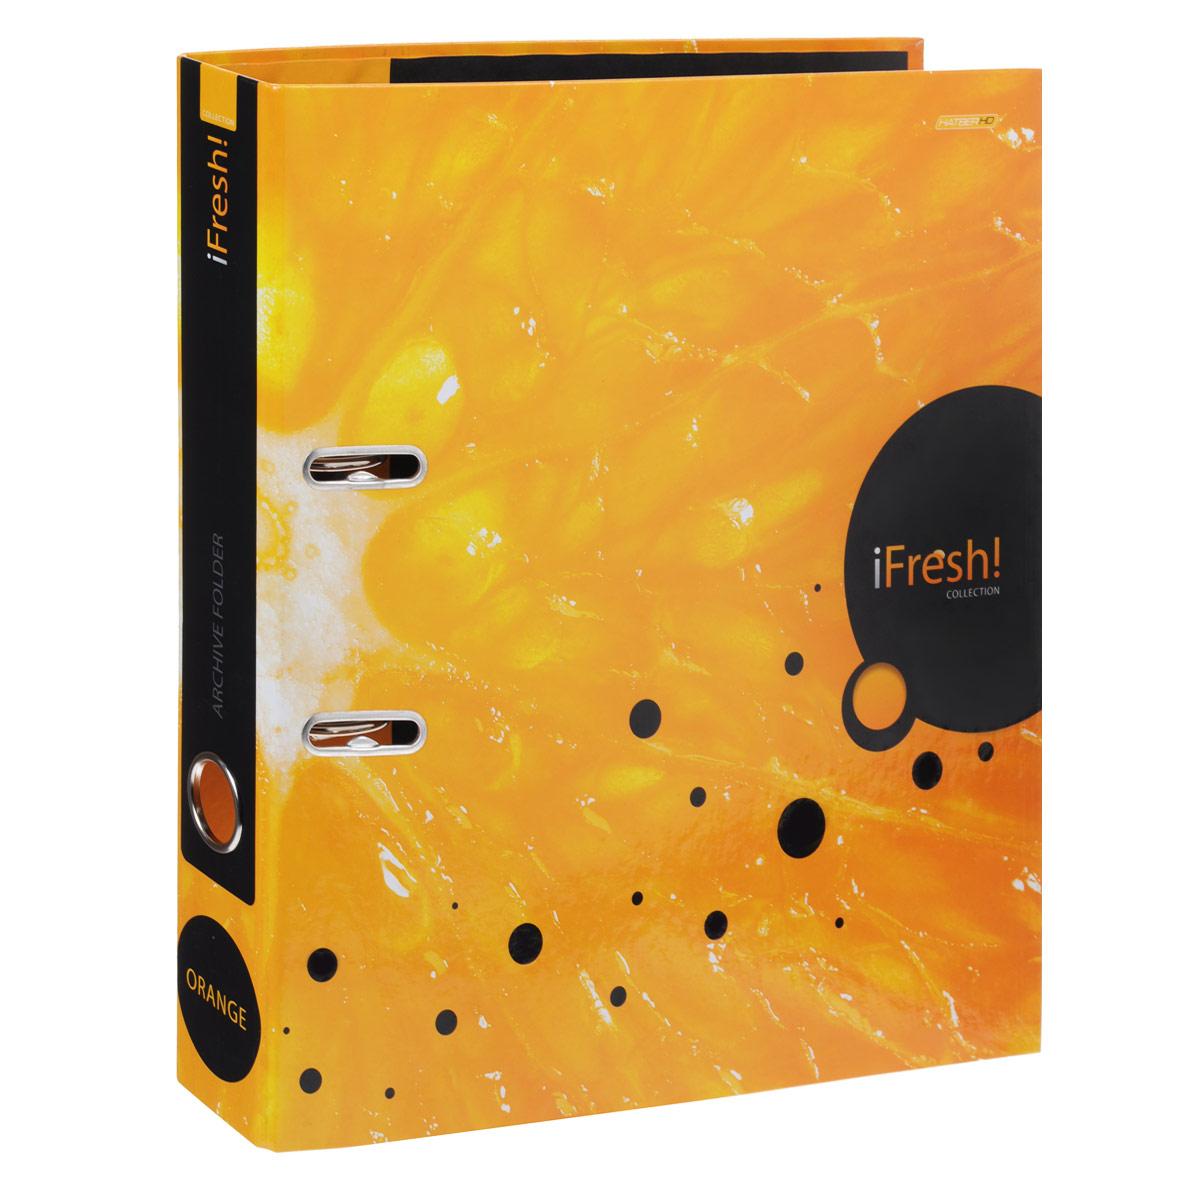 Папка-регистратор Hatber iFresh!: Апельсин, цвет: оранжевыйC37690/FN-FZA4-L оранжевыйКрасочная папка-регистратор Hatber iFresh!: Апельсин пригодится в каждом офисе и доме для хранения больших объемов документов. Внешняя сторона папки выполнена из плотного ламинированного картона и оформлена увеличенным изображением сердцевины апельсина.Папка-регистратор оснащена надежным арочным механизмом крепления бумаги. Круглое отверстие в корешке папки облегчит ее извлечение с полки. Ширина корешка 5 см.